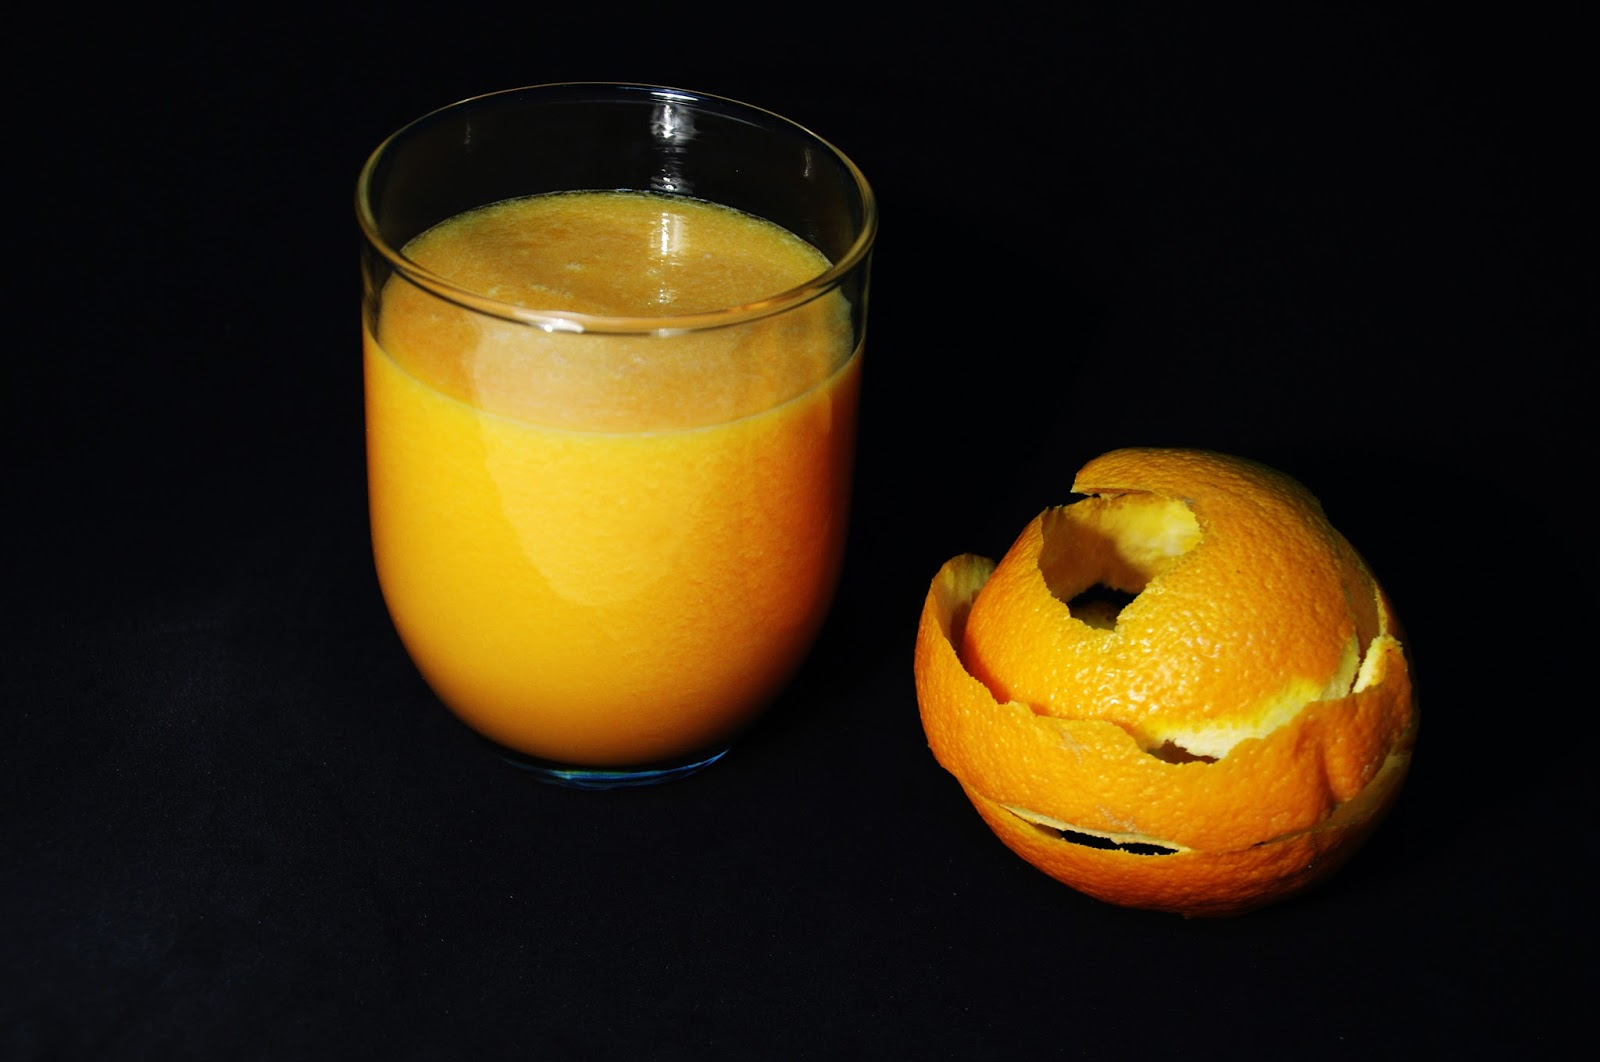 Xumo de papaya y naranja